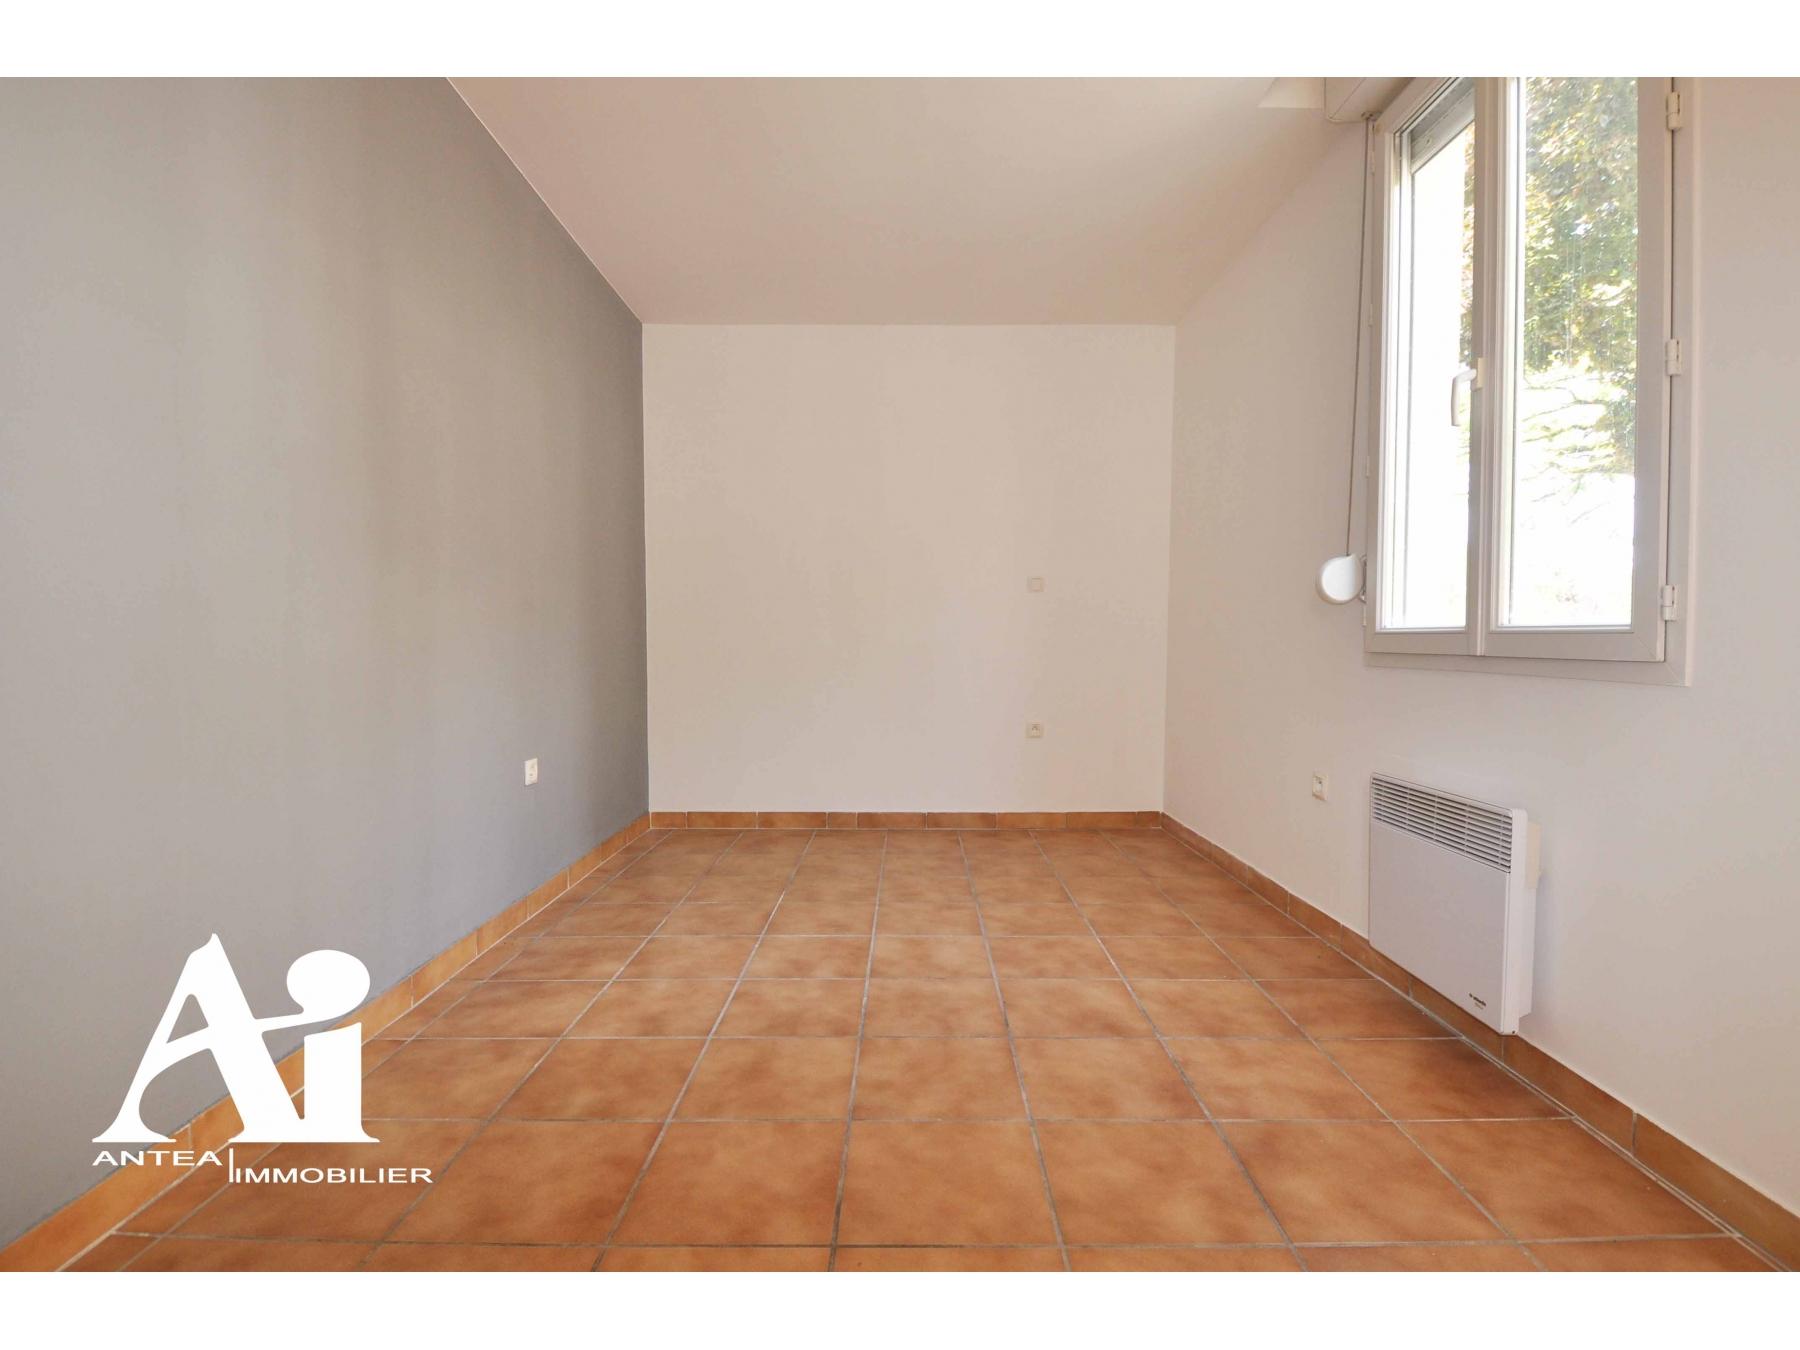 achat premier appartement ideal premier achat appartement. Black Bedroom Furniture Sets. Home Design Ideas